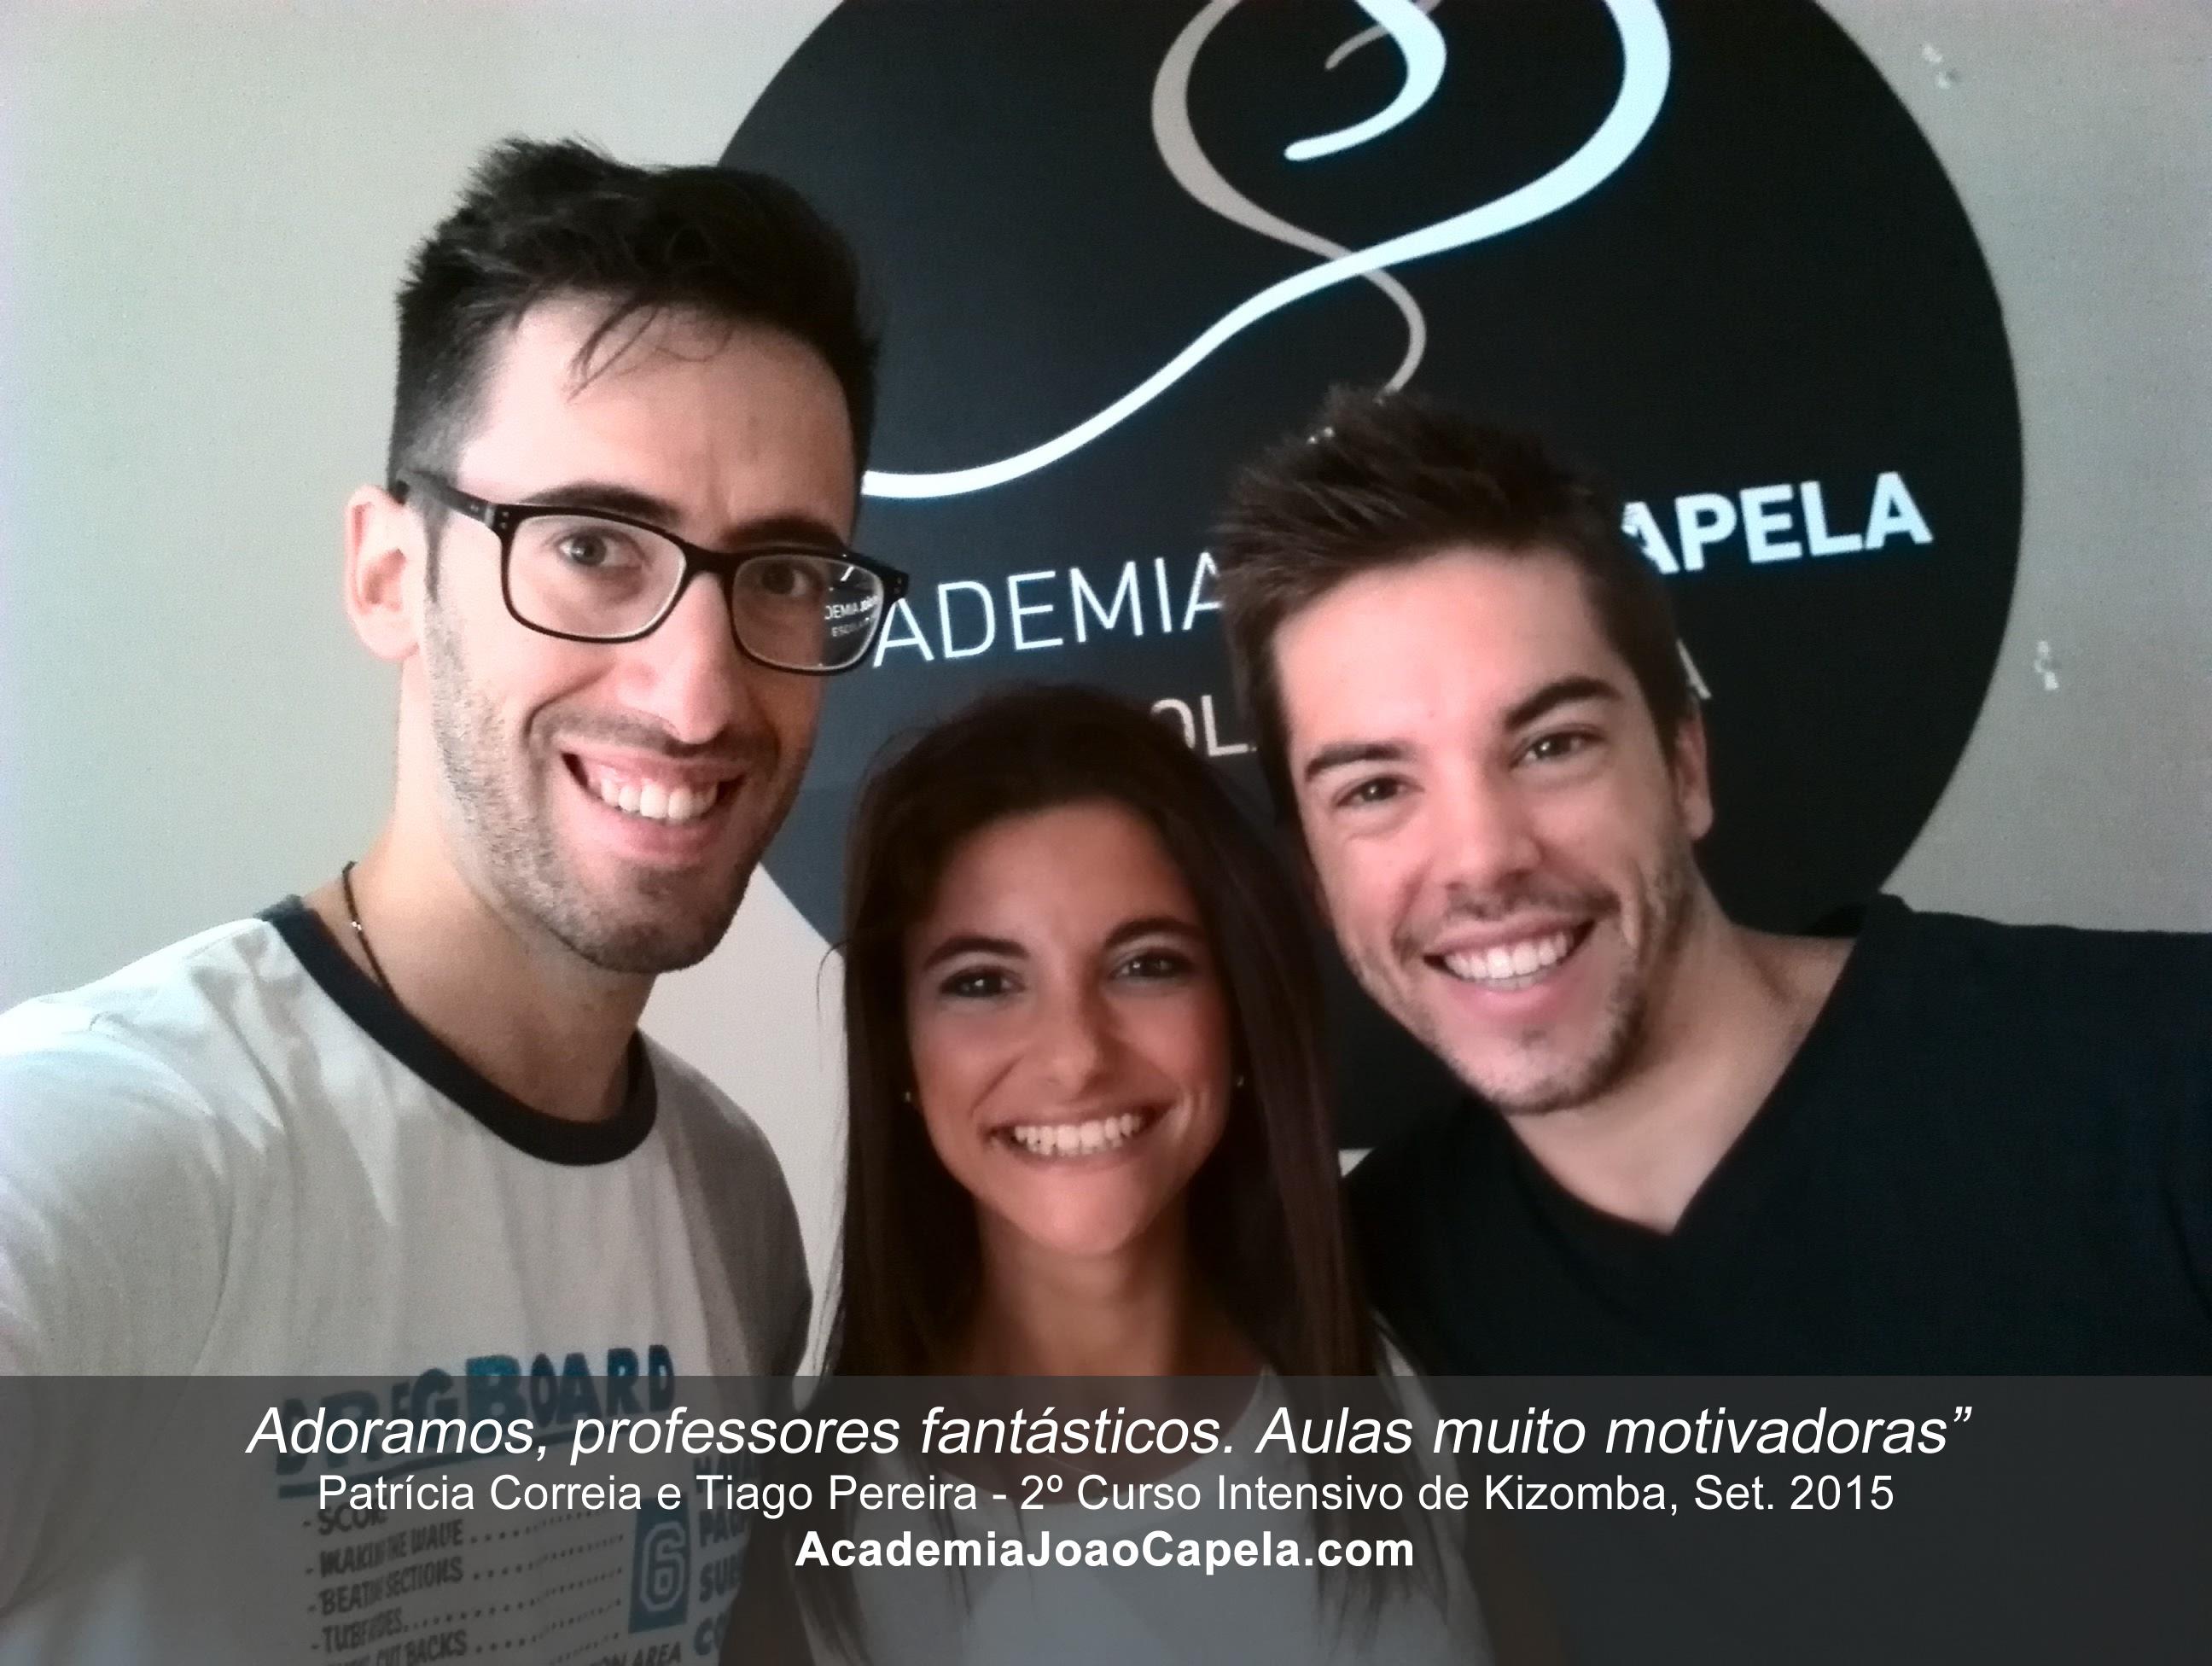 Testemunho Patrícia Correira e Tiago Pereira - Aulas de Kizomba na Academia João Capela em Barcelos